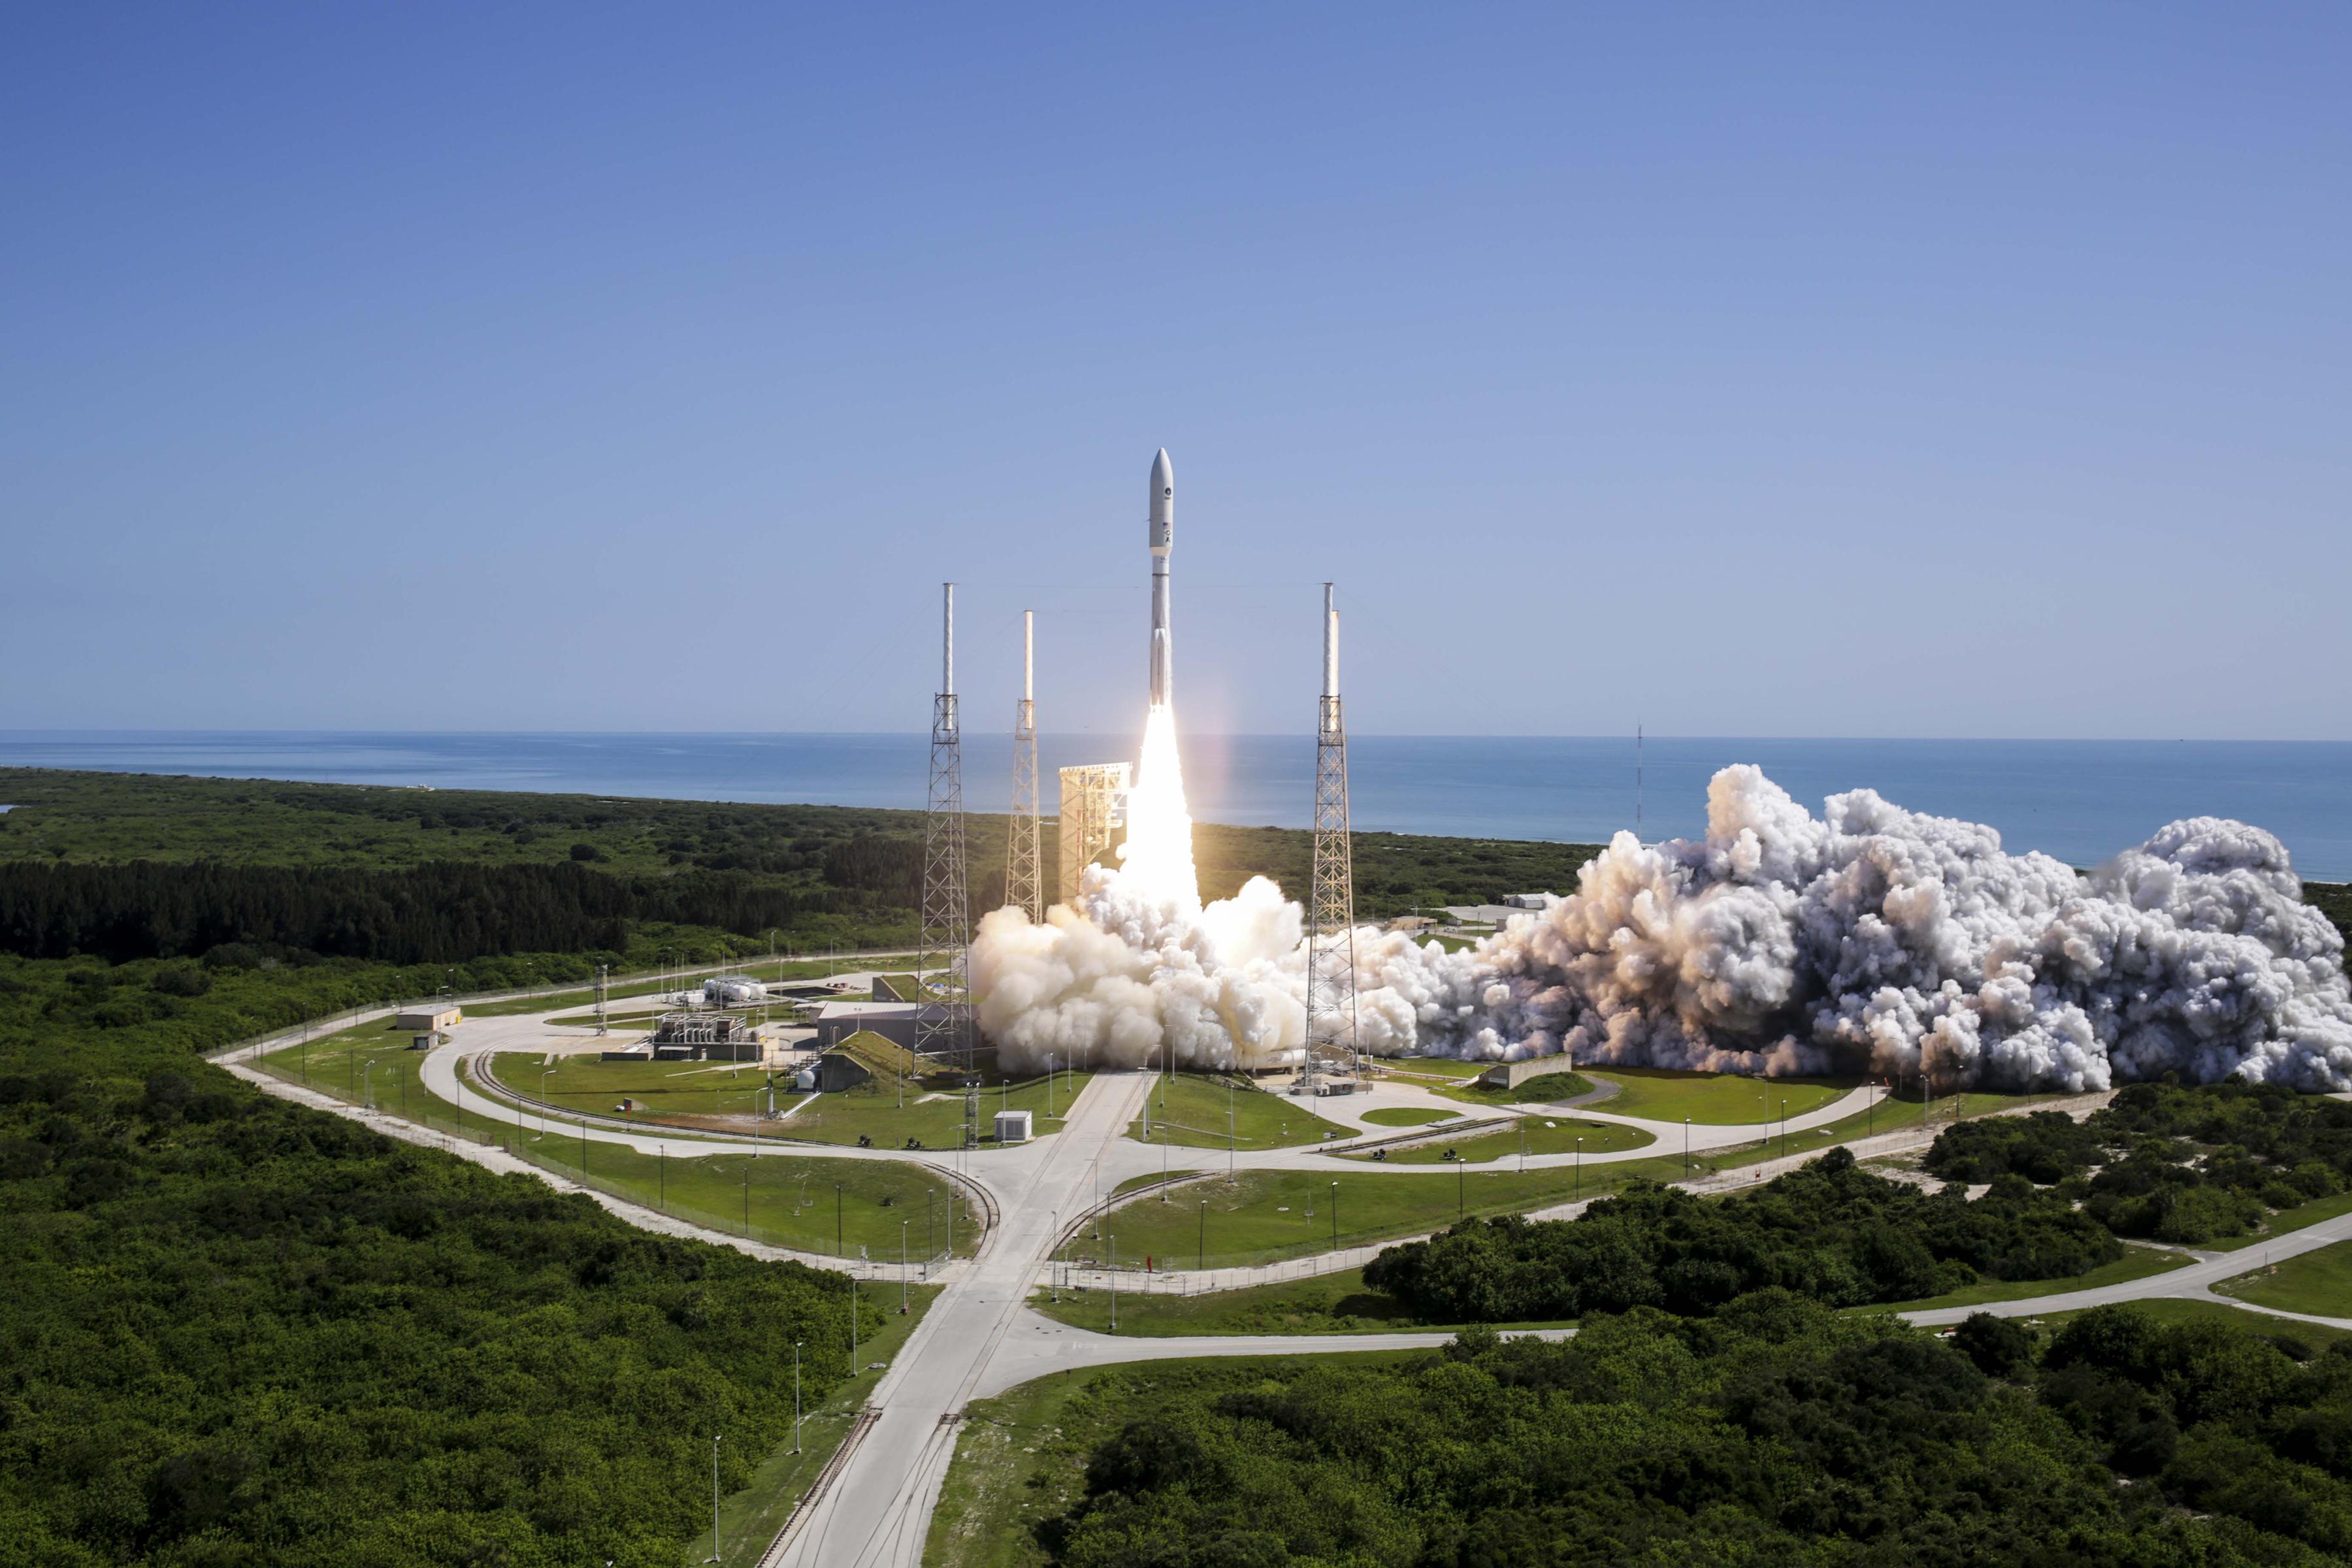 4 juin 2016 - lancement du satellite militaire MUOS 5 - fusée Atlas 5 - US Navy - ULA